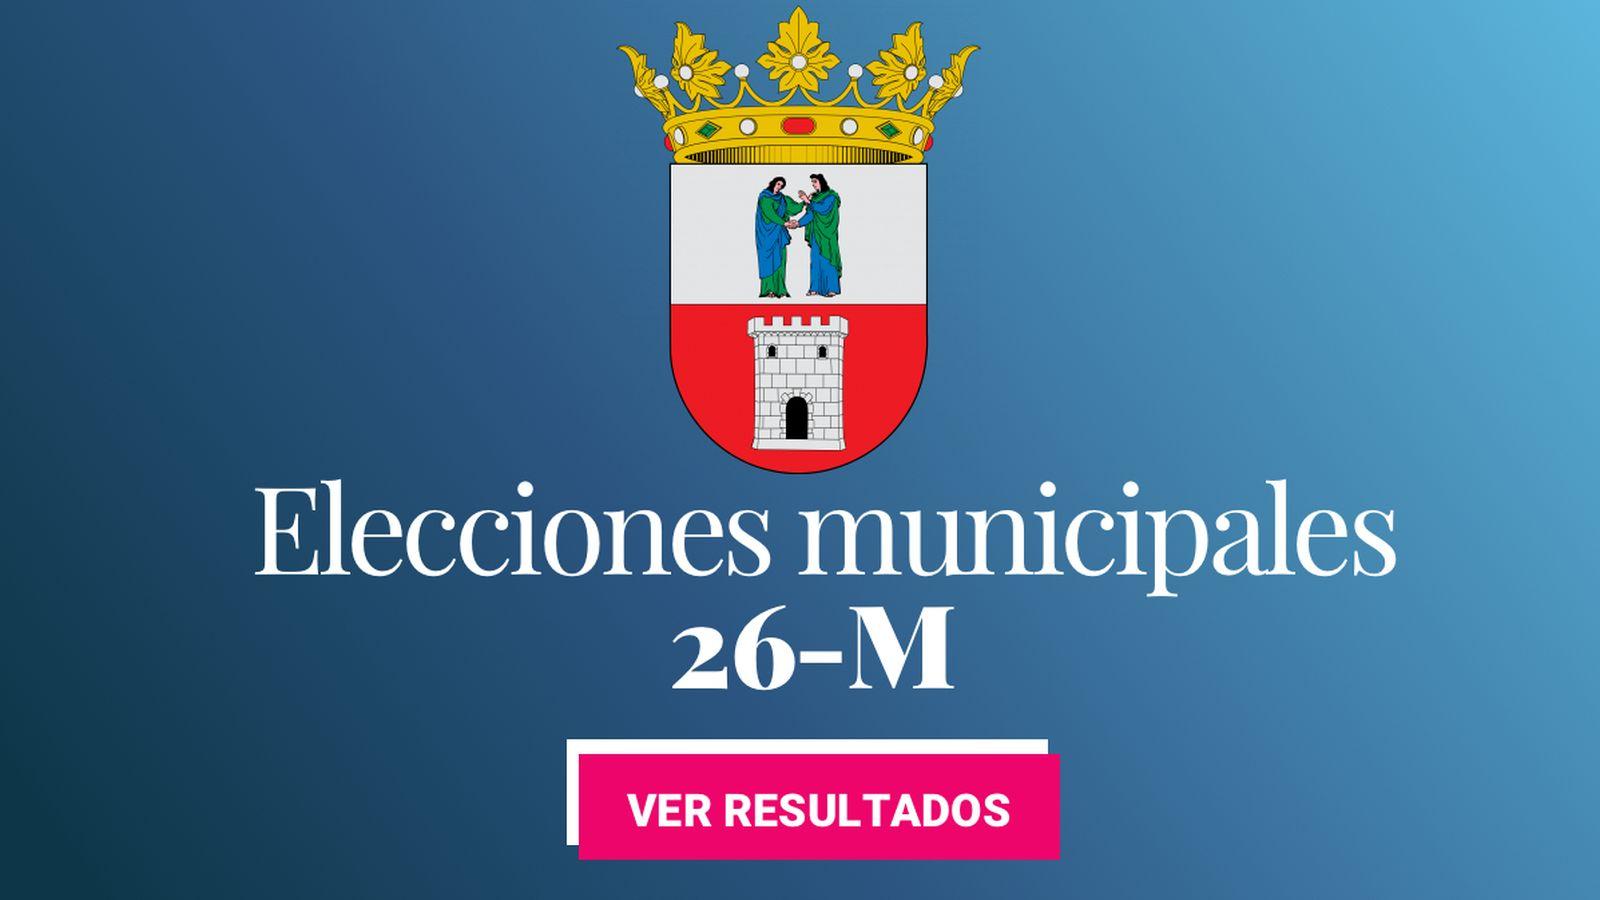 Foto: Elecciones municipales 2019 en Dos Hermanas. (C.C./EC)